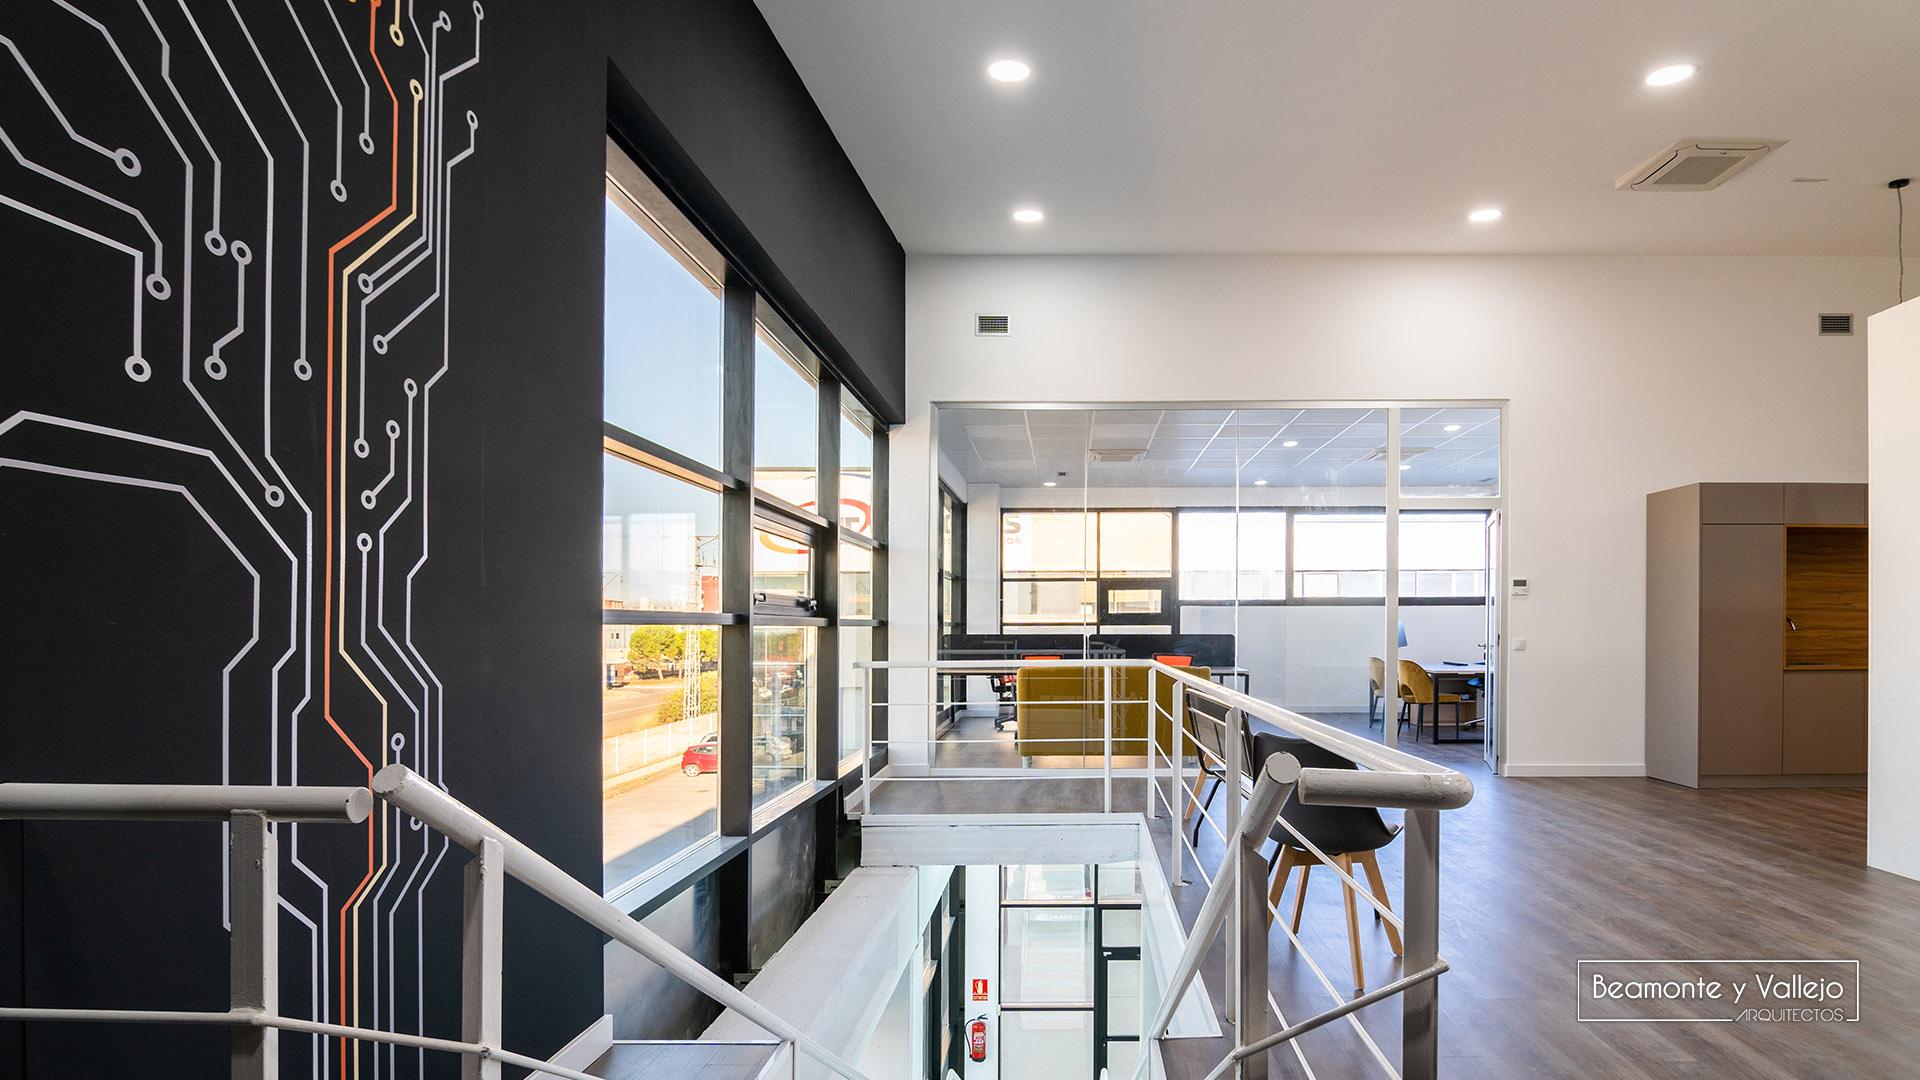 Beamonte y Vallejo arquitectos - Oficinas Arkel - 2